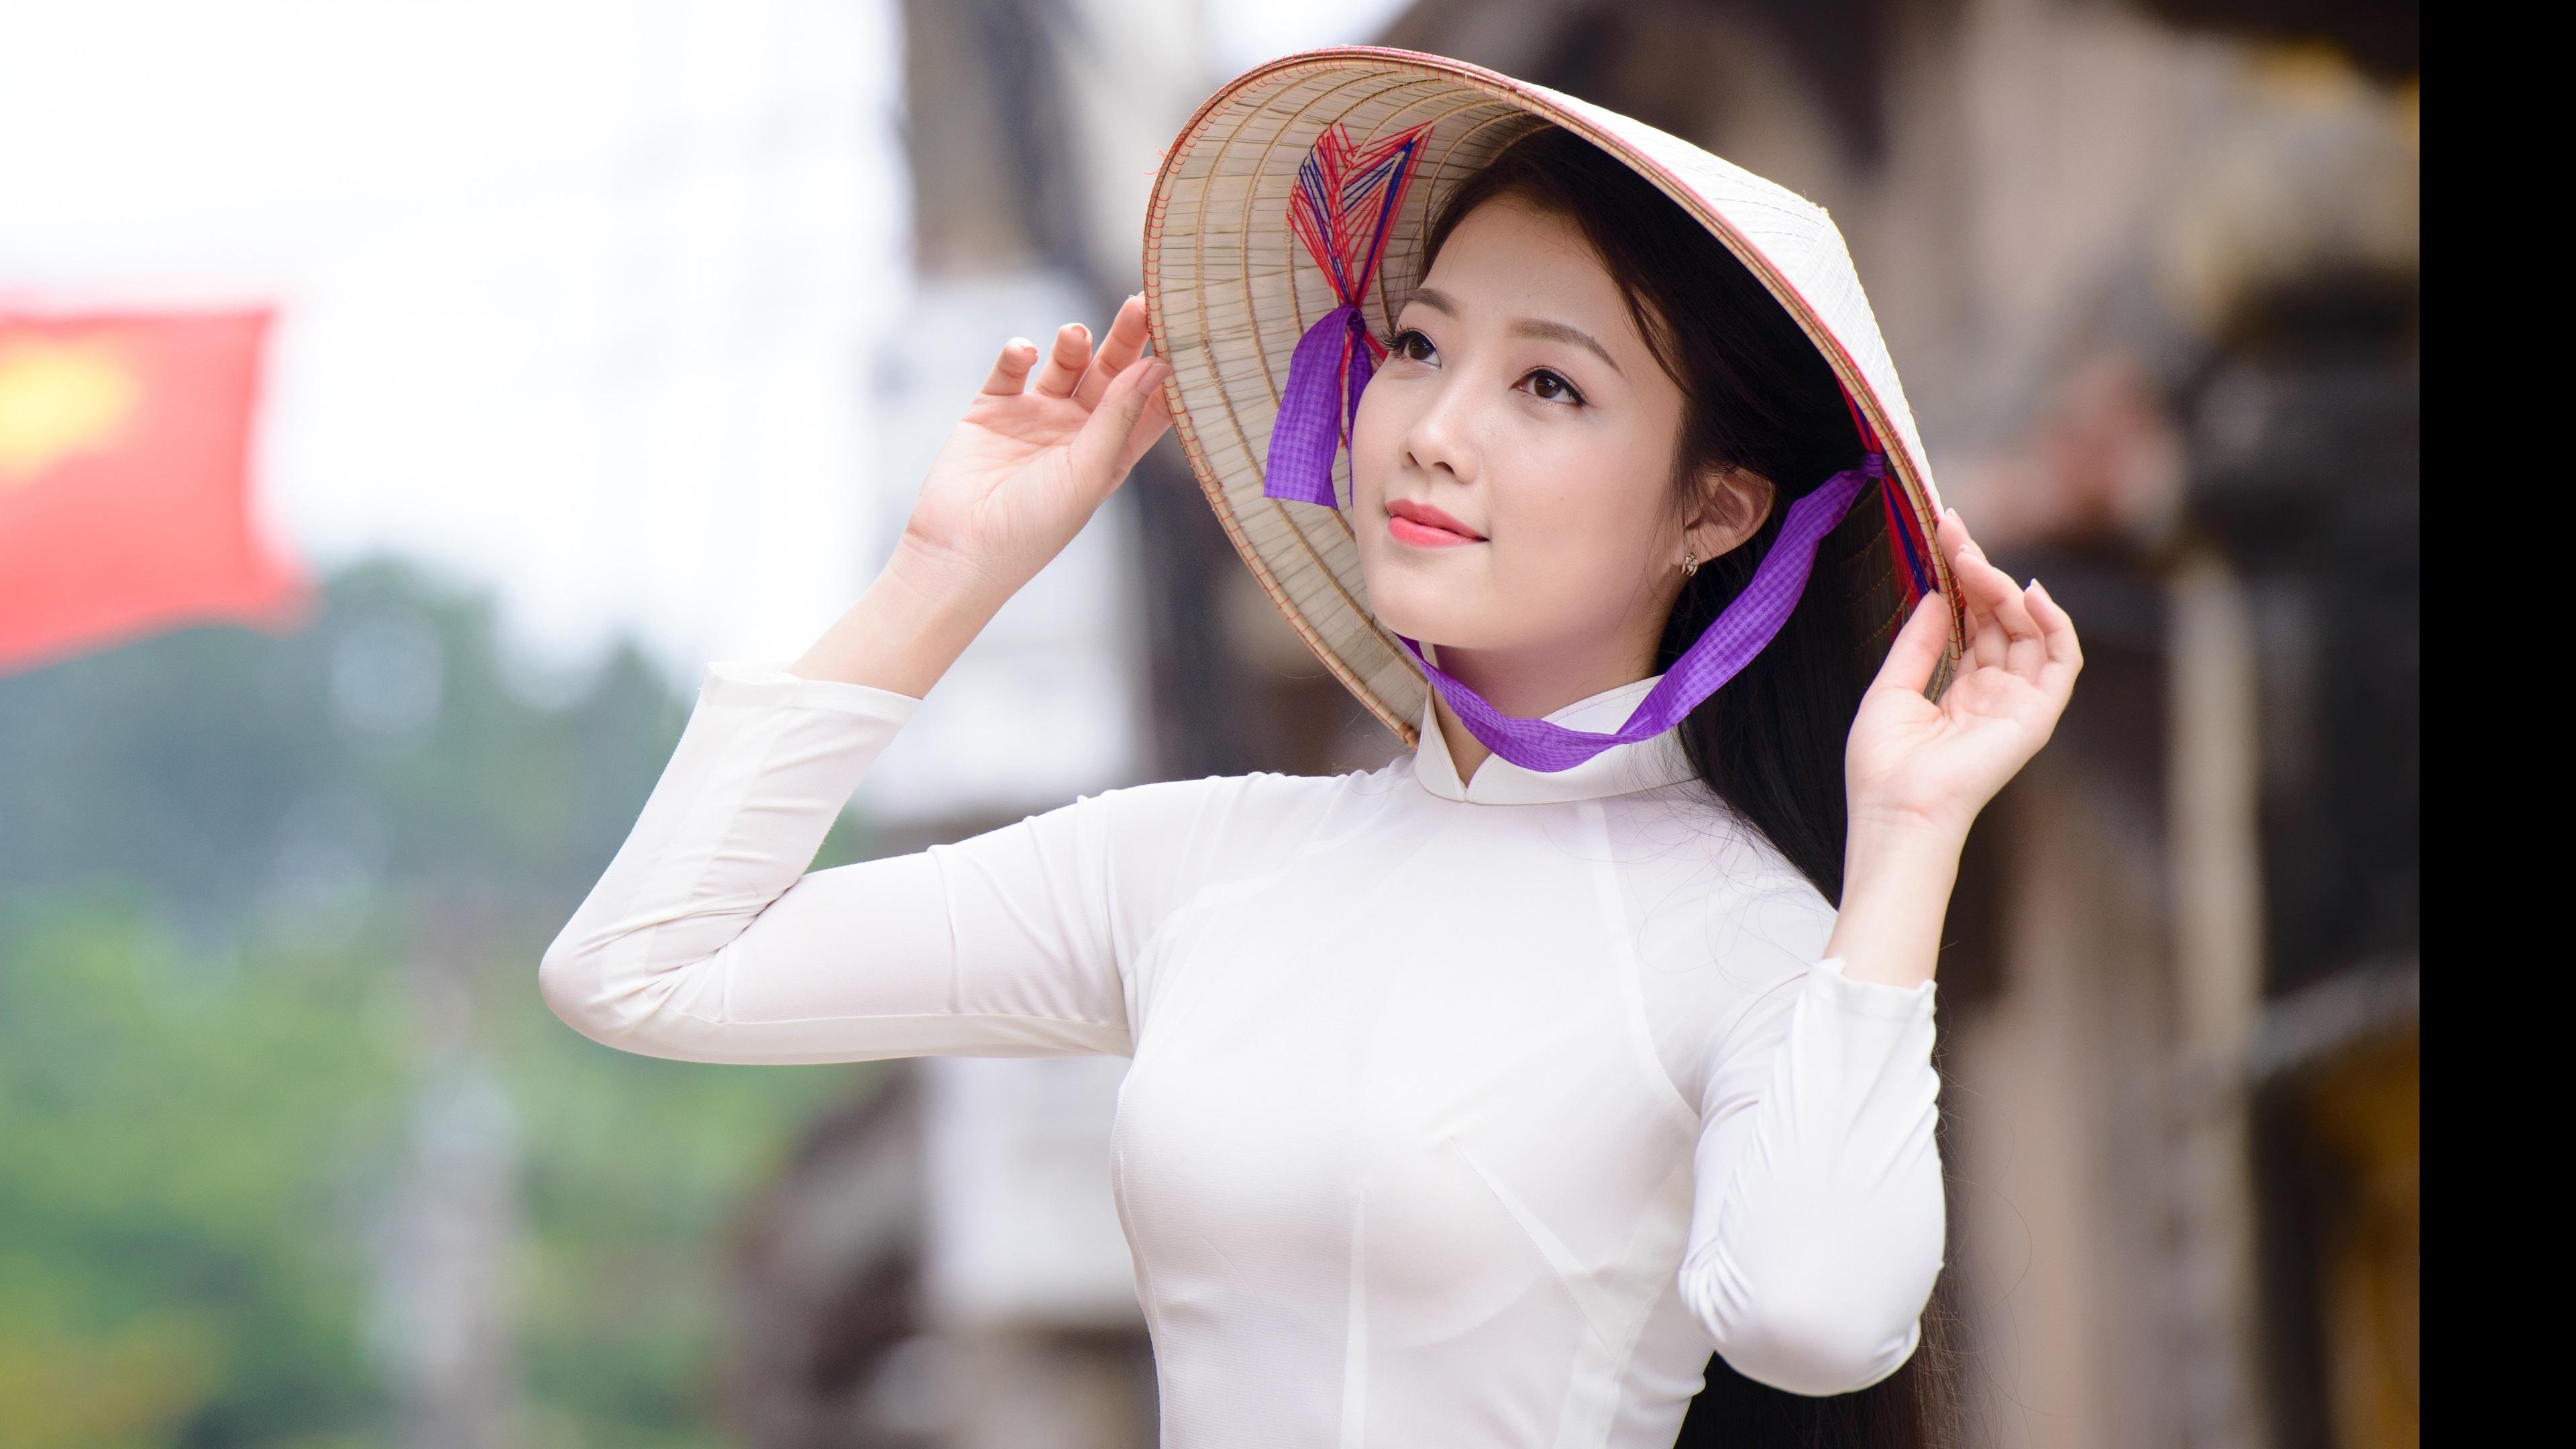 Фотографии Брюнетка Размытый фон Шляпа Девушки азиатки рука Взгляд 3840x2160 брюнеток брюнетки боке шляпе шляпы девушка молодые женщины молодая женщина Азиаты азиатка Руки смотрят смотрит